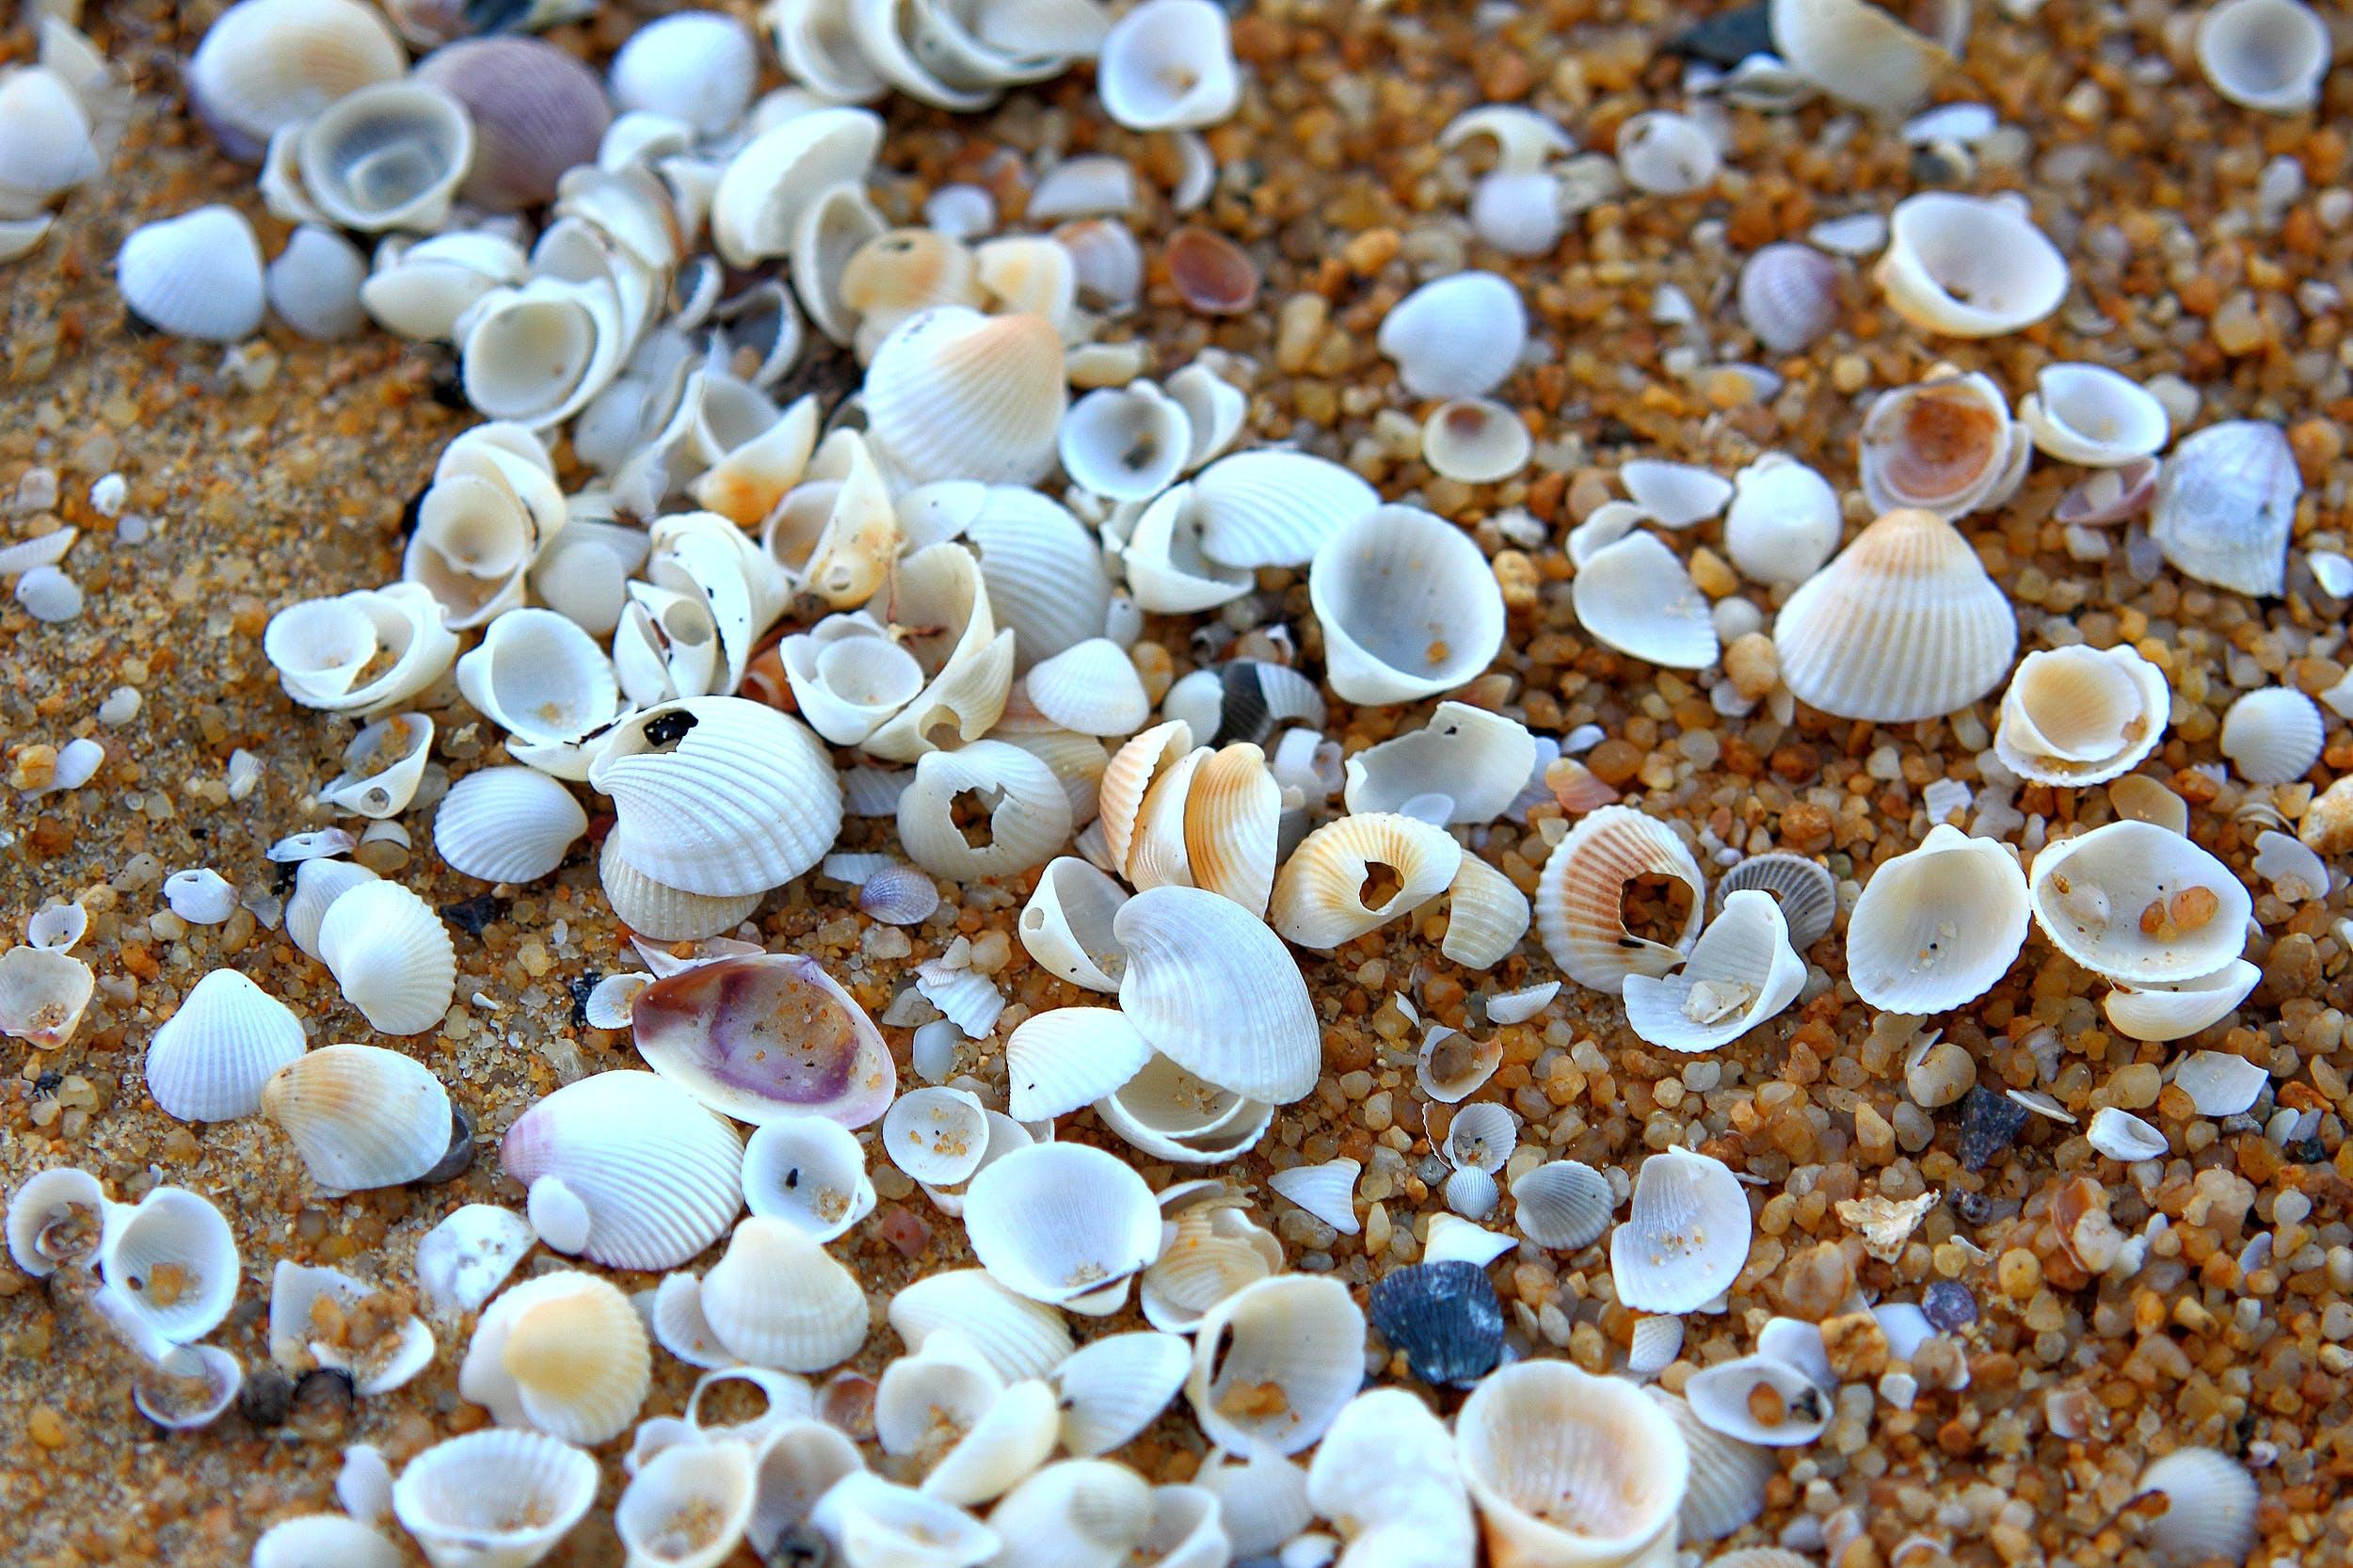 White Shell Lot on Brown Soil